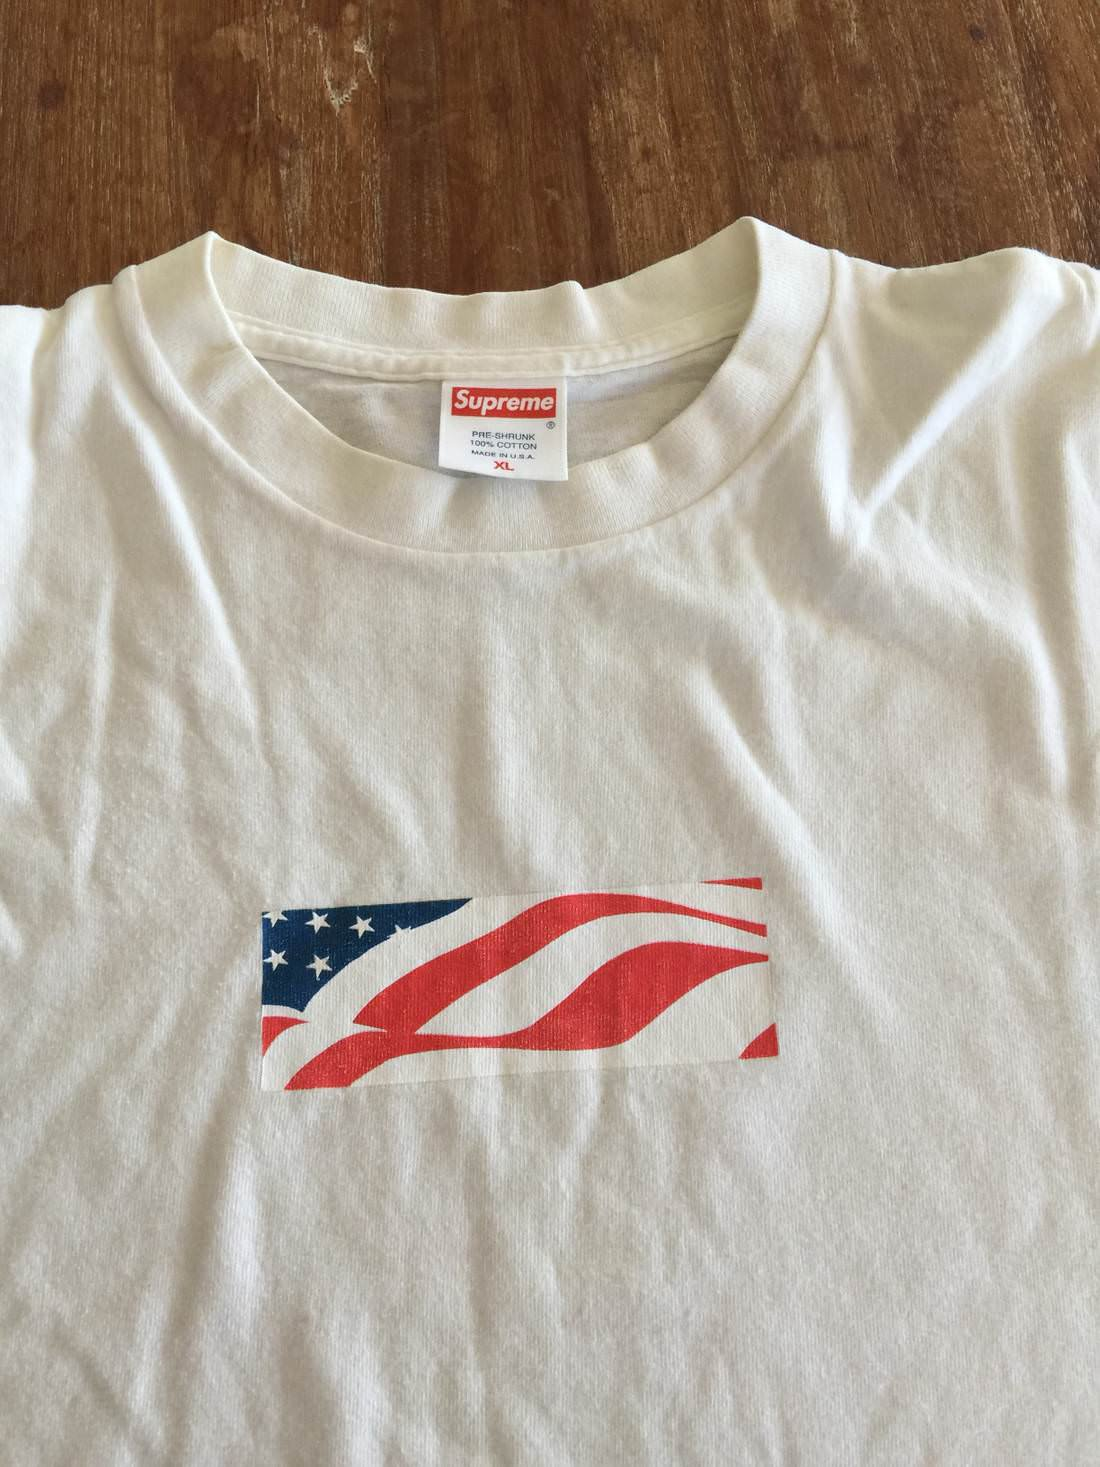 W2C Supreme 9/11 Box Logo Tee : FashionReps.